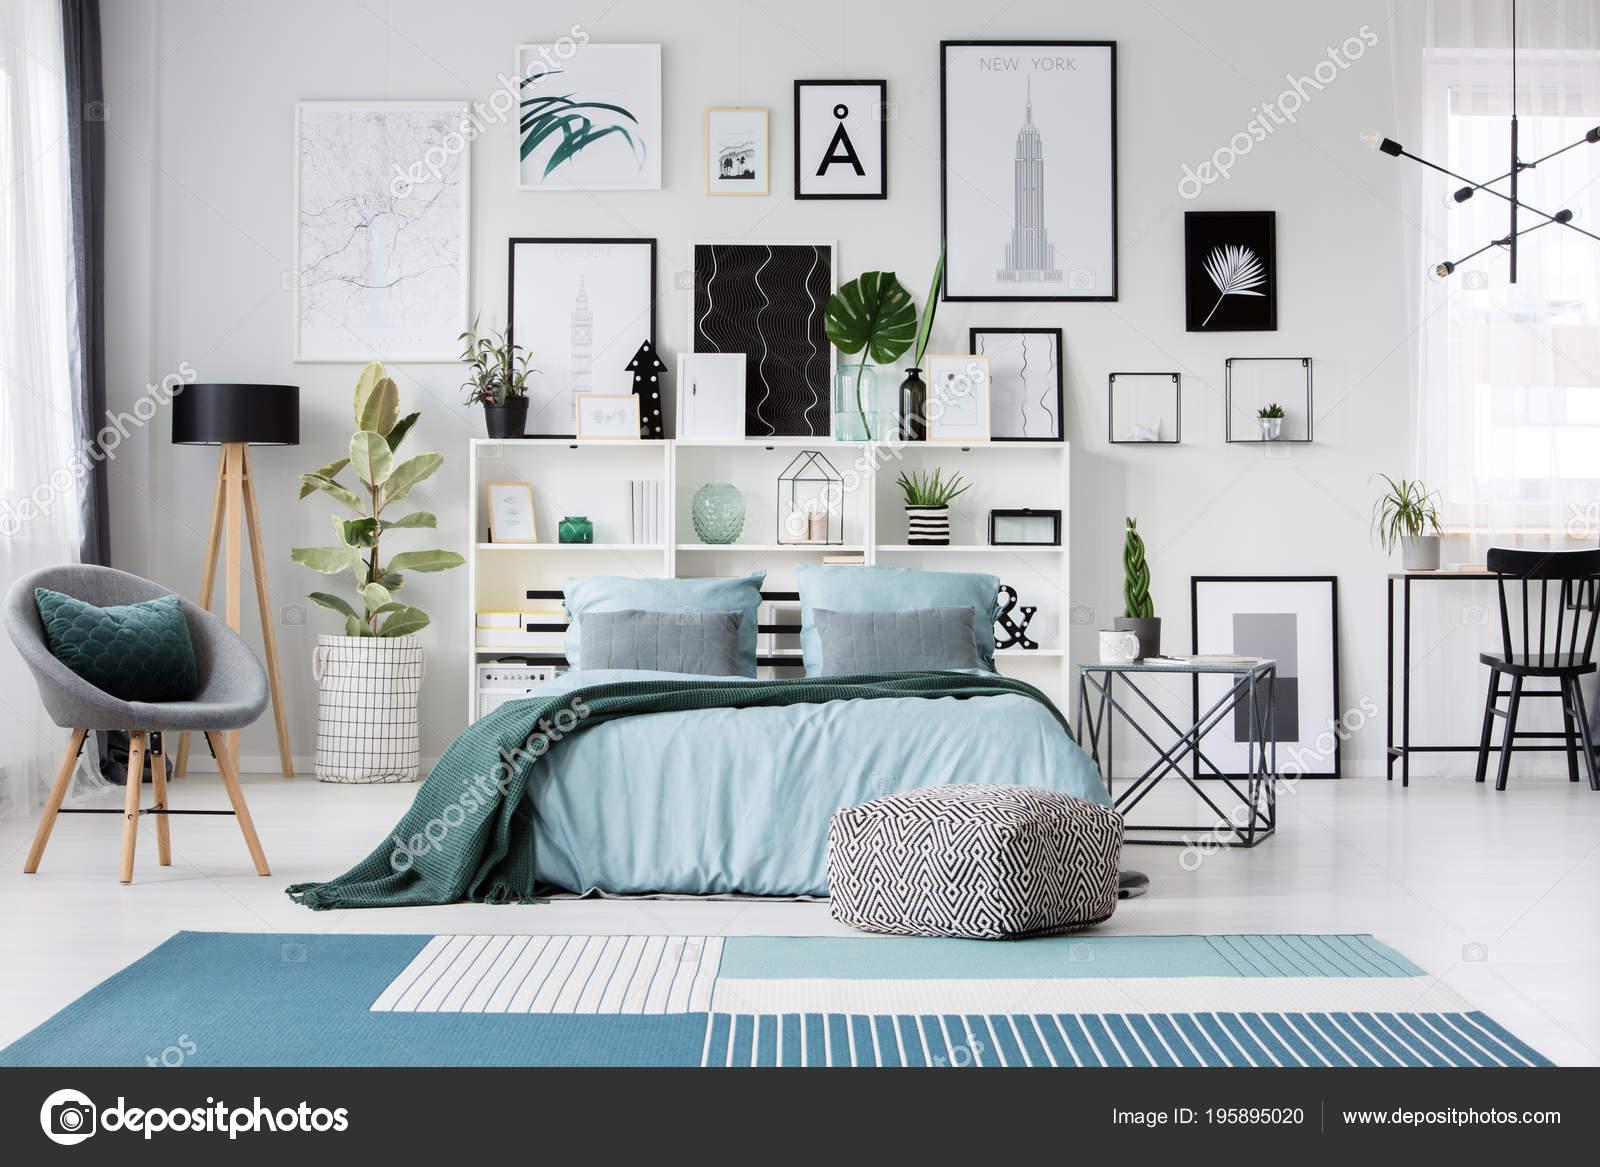 Blauw tapijt poef bij bed ruime slaapkamer interieur met grijze